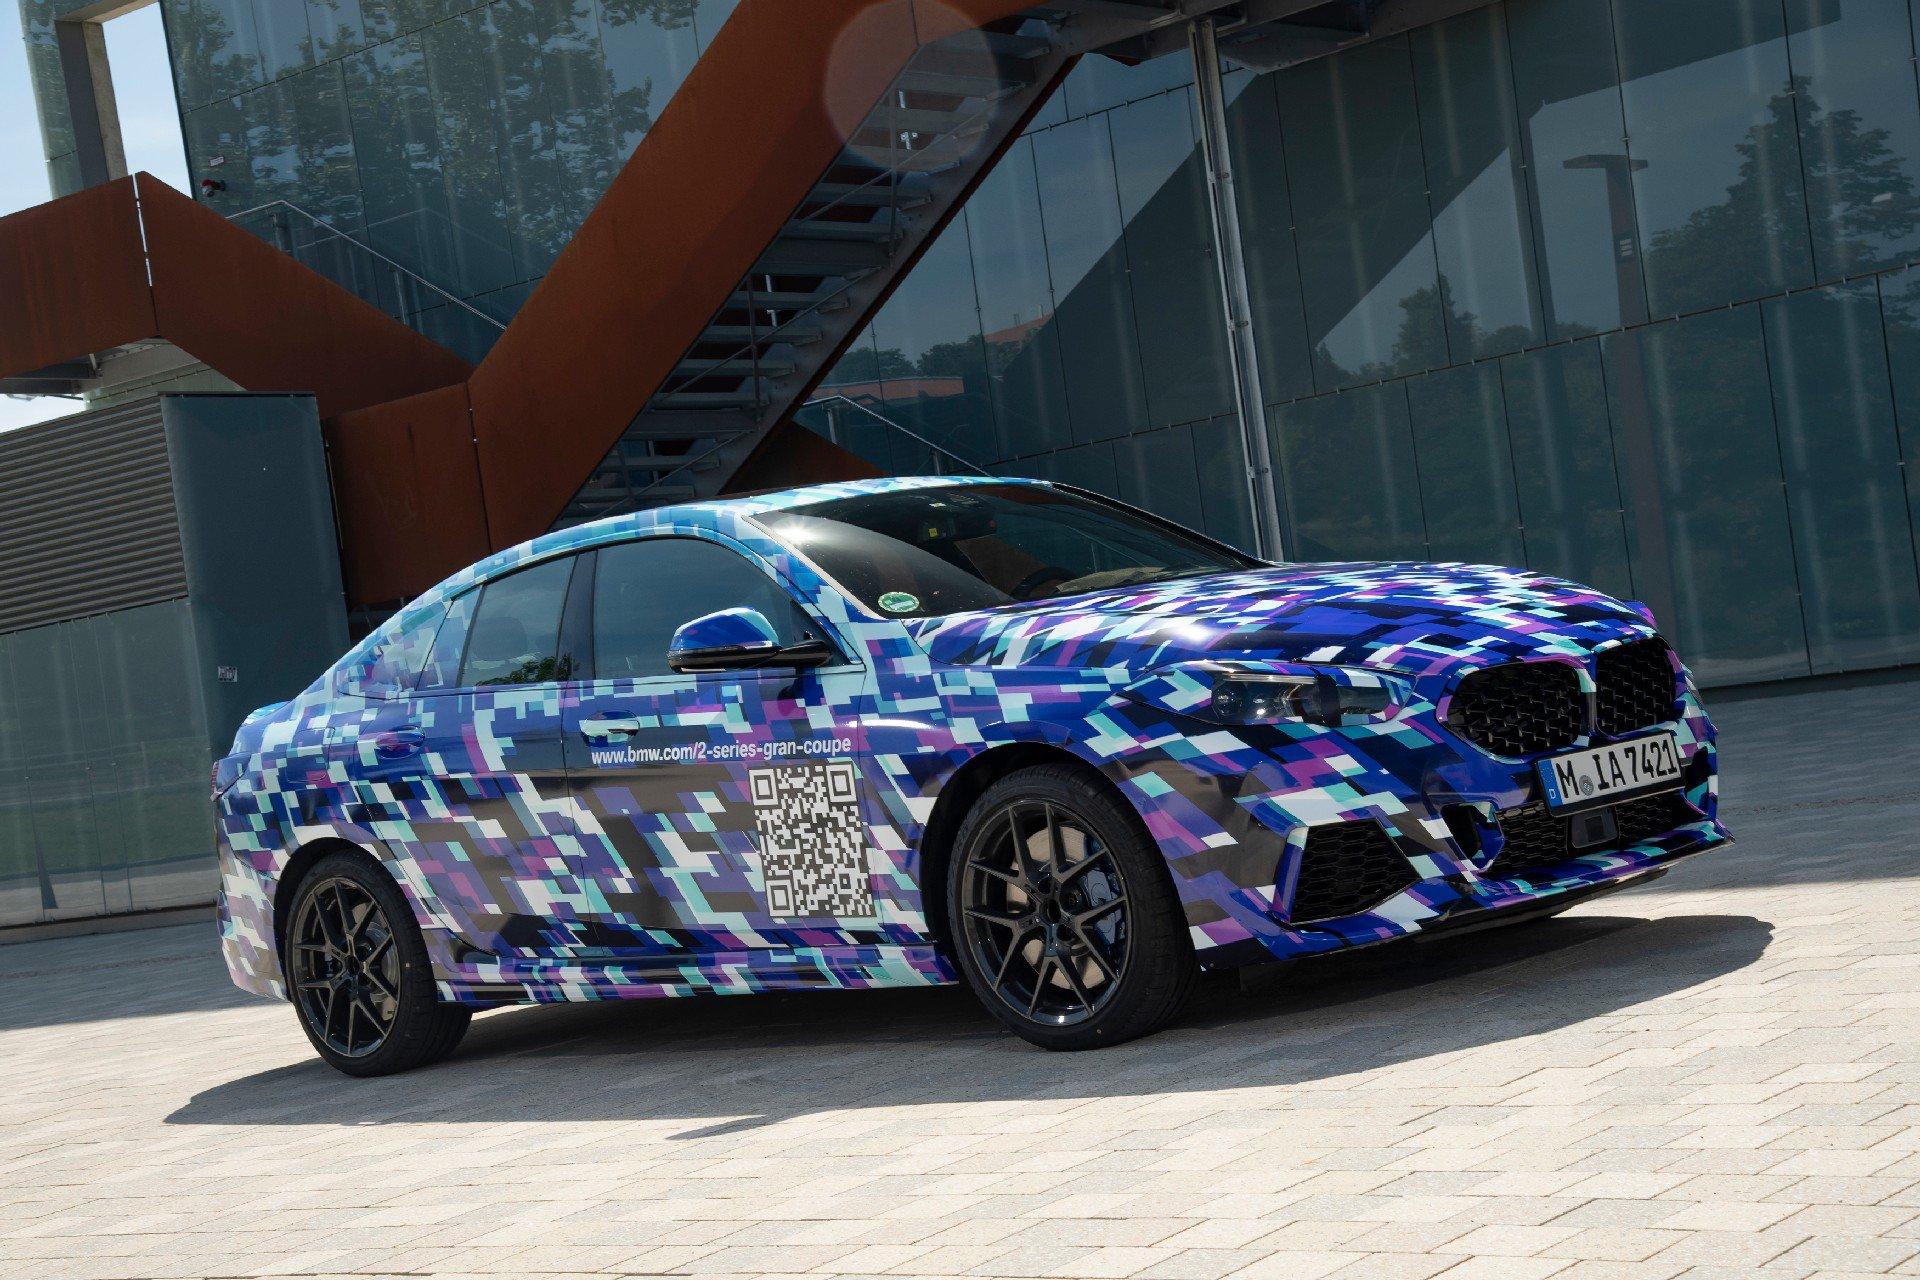 Primul BMW Seria 2 Gran Coupe alege o costumatie neobisnuita pentru faza finala de teste